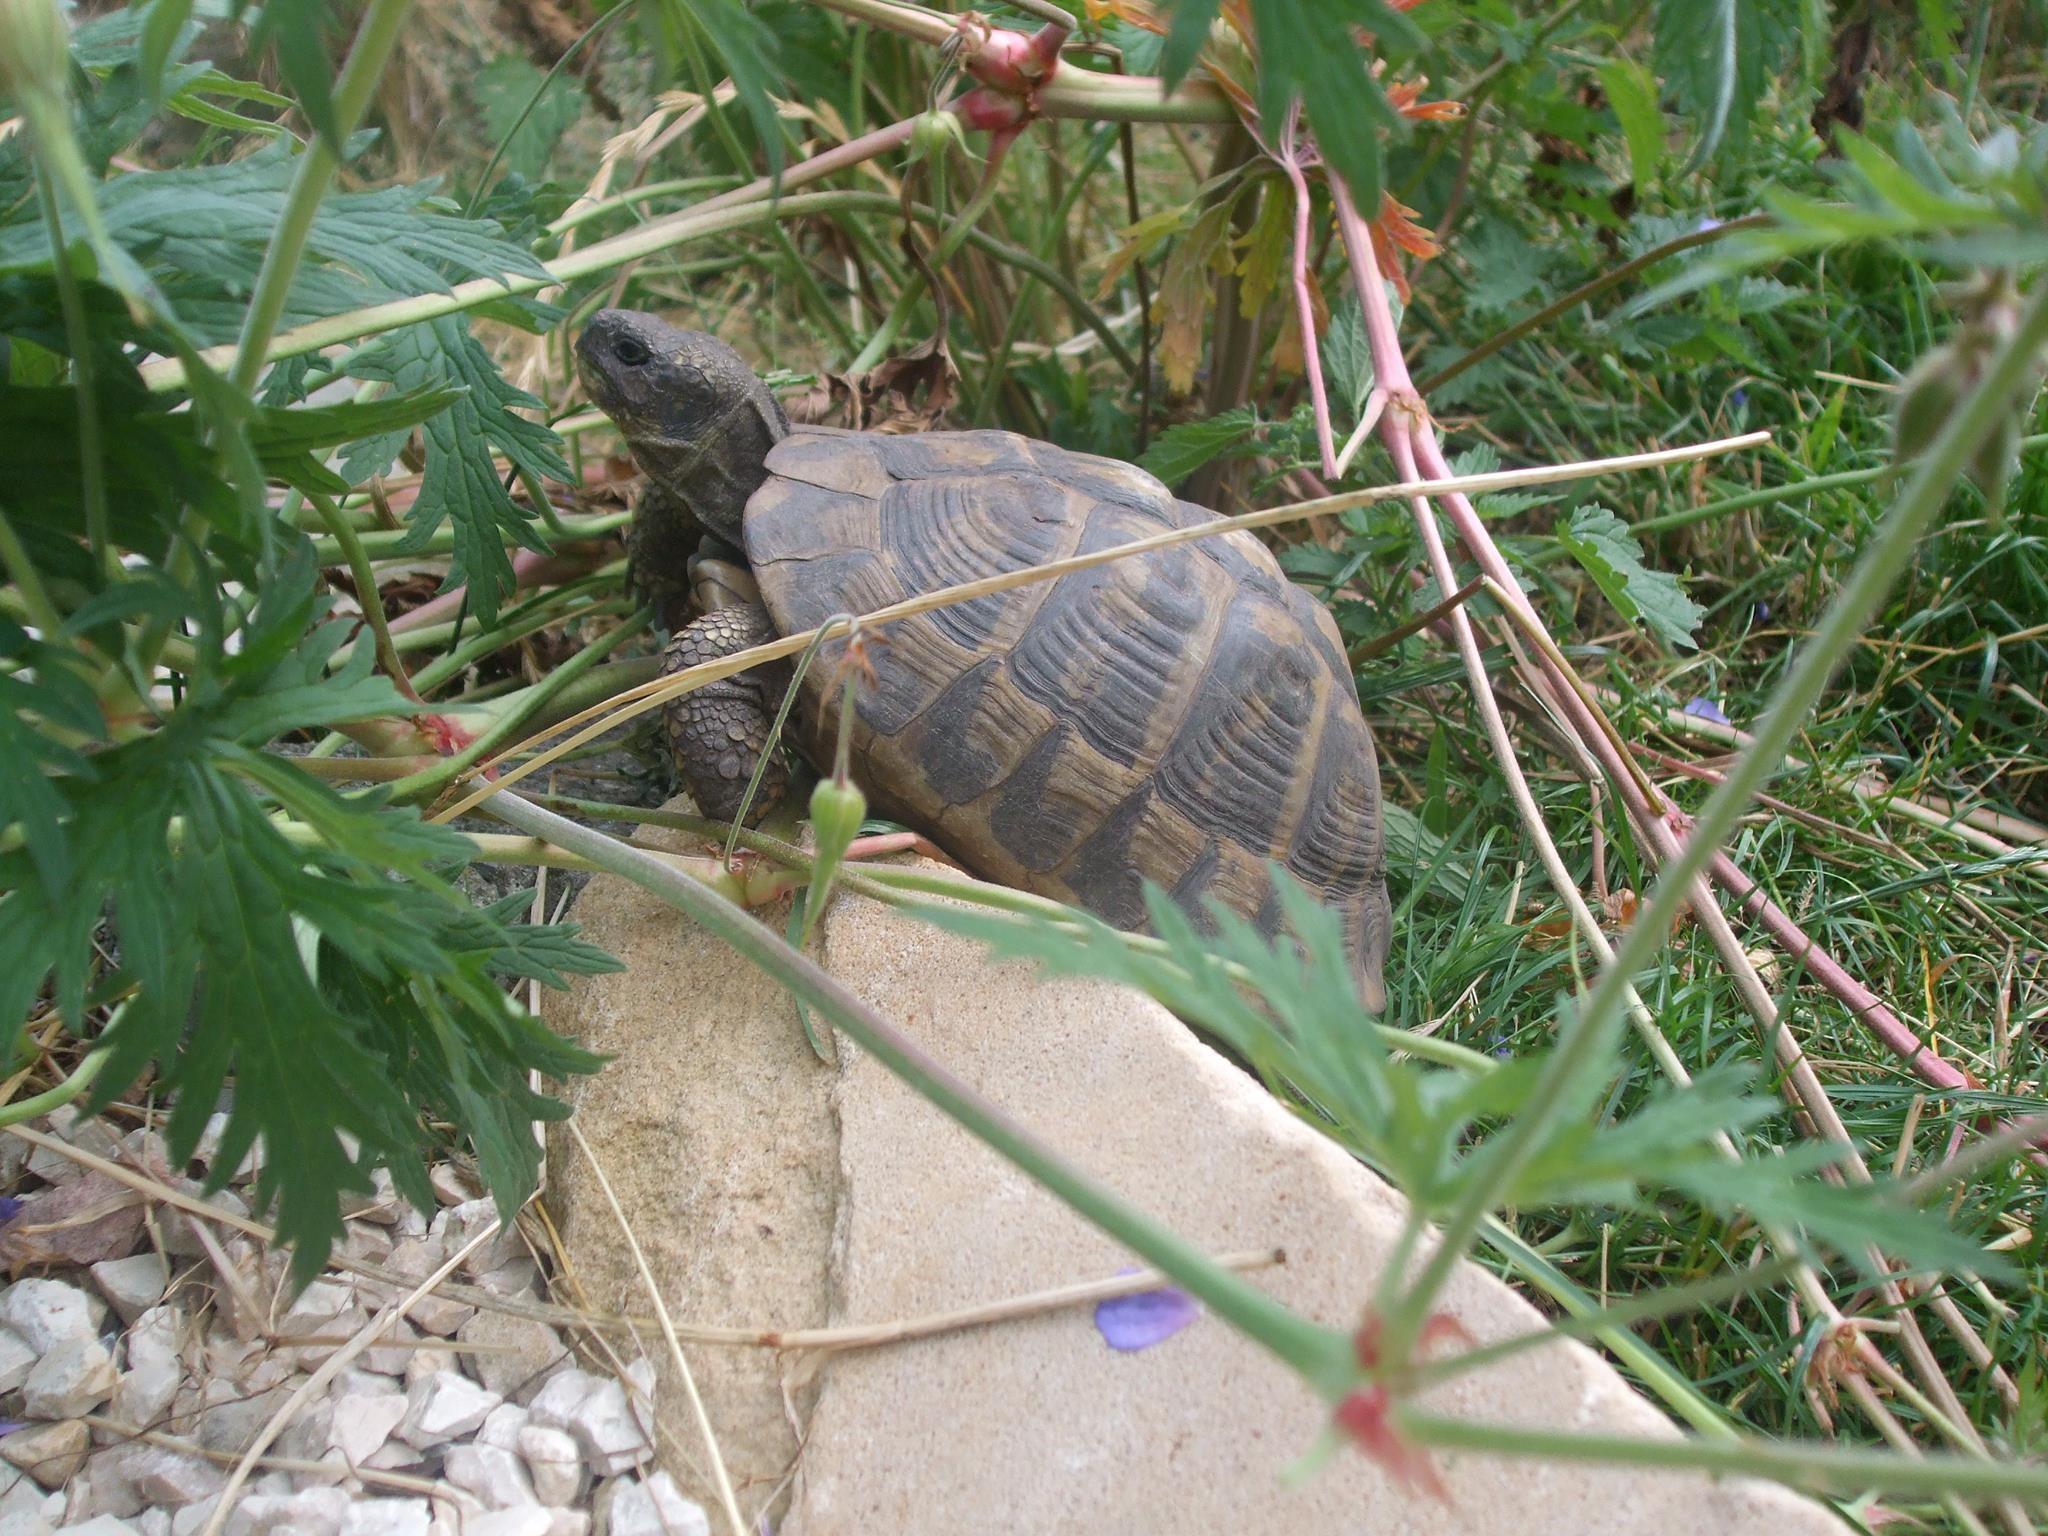 Kein Obst für Europäische Schildkrötenarten